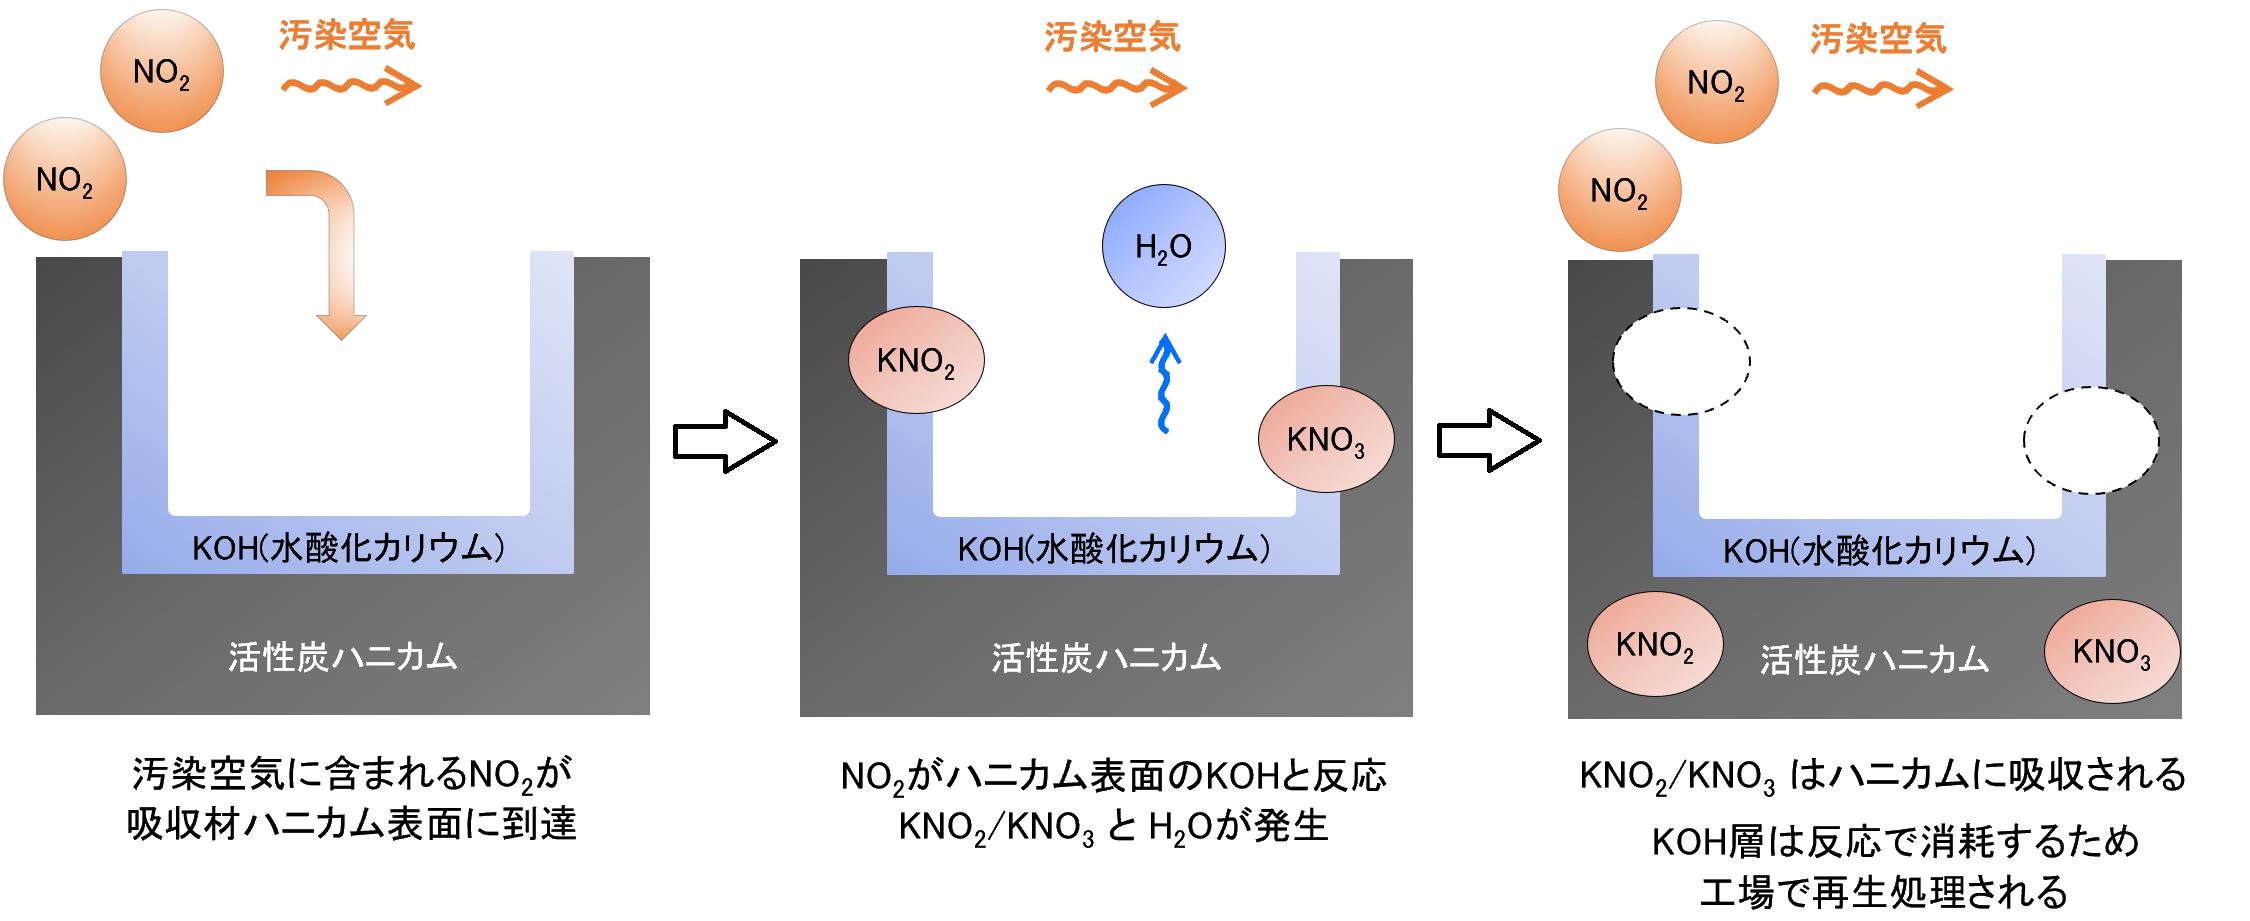 酸性ガス吸収材・NCハニカムの動作原理イメージ